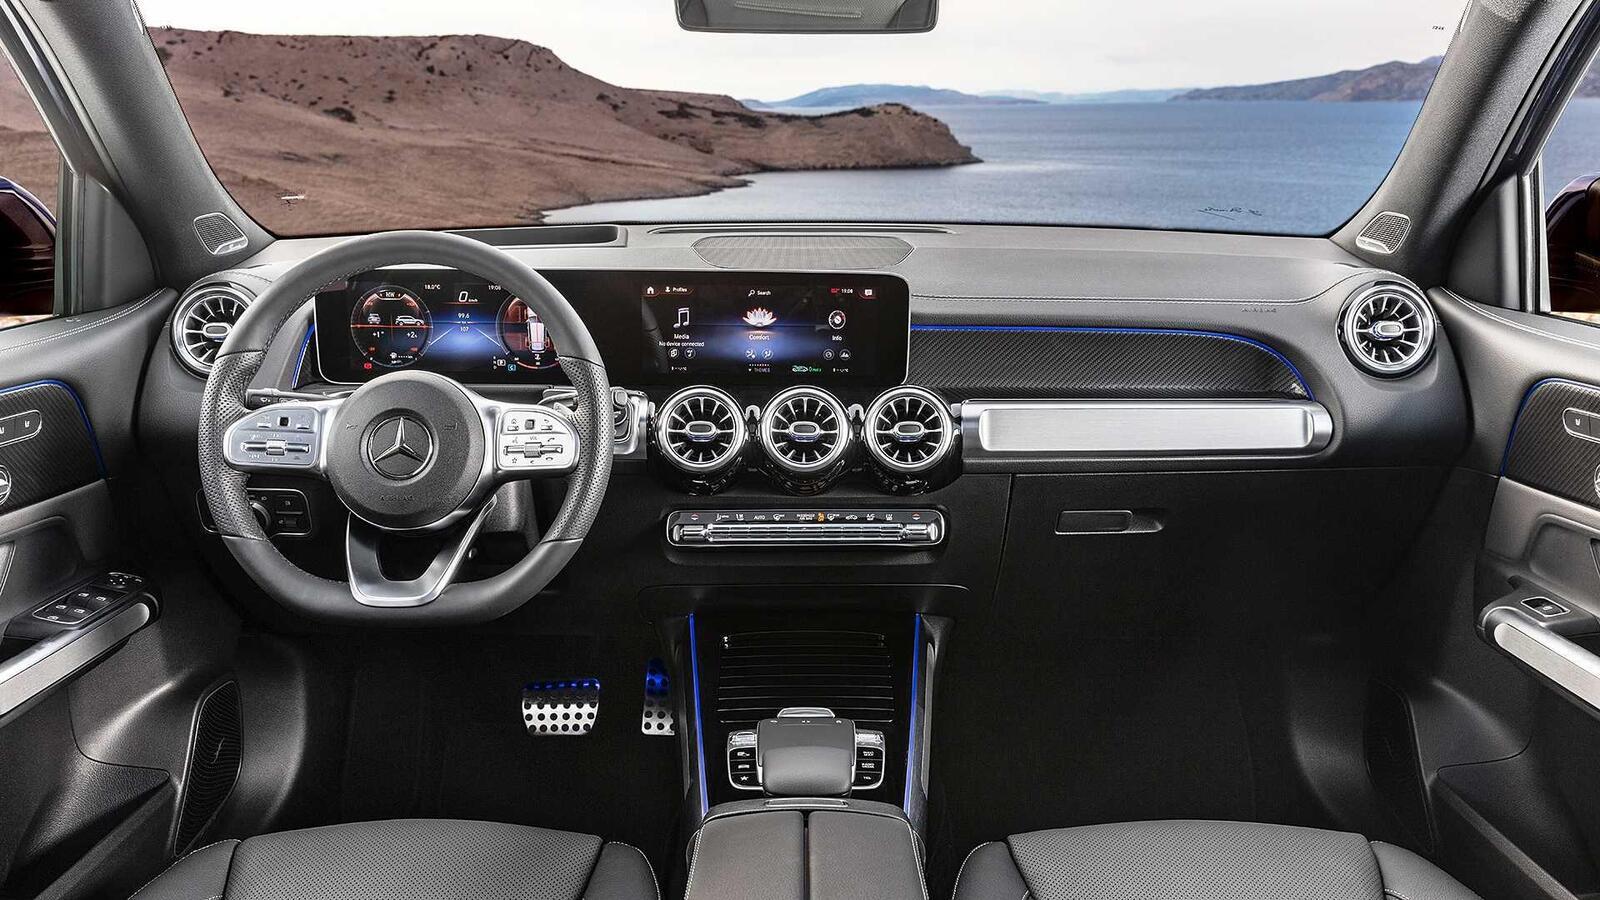 Mercedes-Benz GLB 2020 chính thức ra mắt: xe 7 chỗ dành cho gia đình - Hình 15